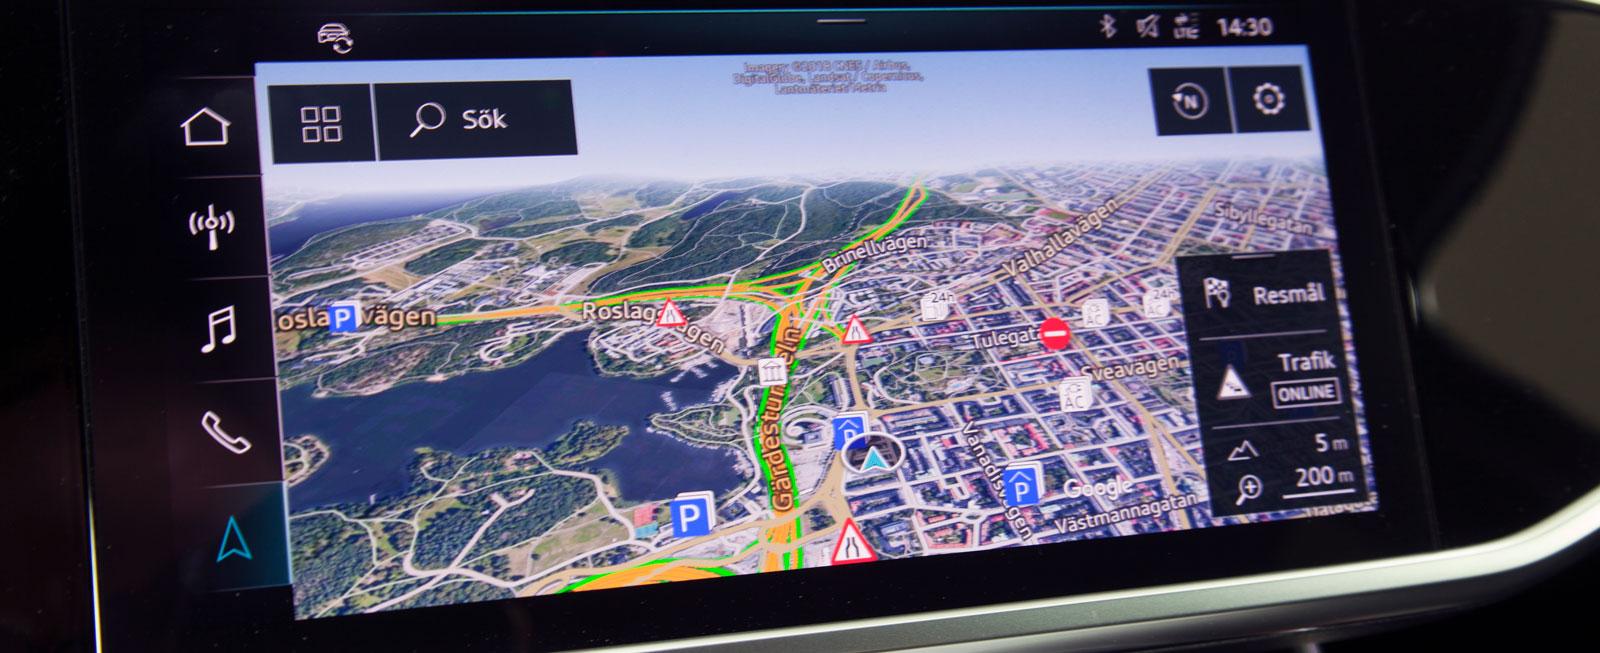 """Audis pekskärm omfattar bland annat """"Google-kartor"""" som ger oöverträffat autentisk information parad med stor tydlighet."""